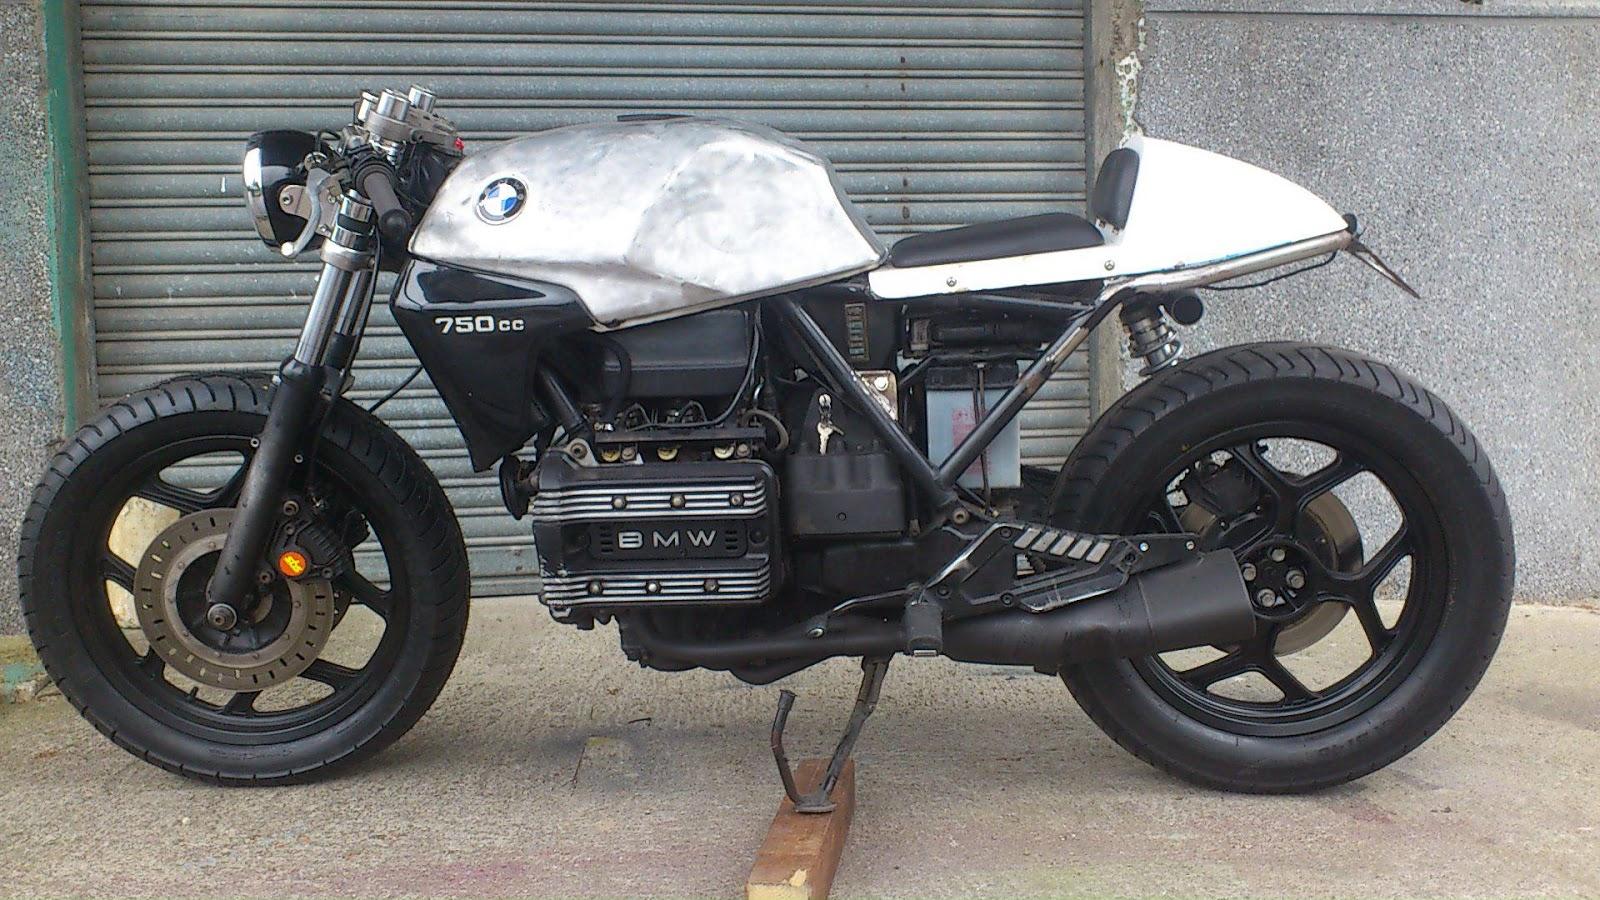 Nueva Cafe Racer K100 Rs Del 87